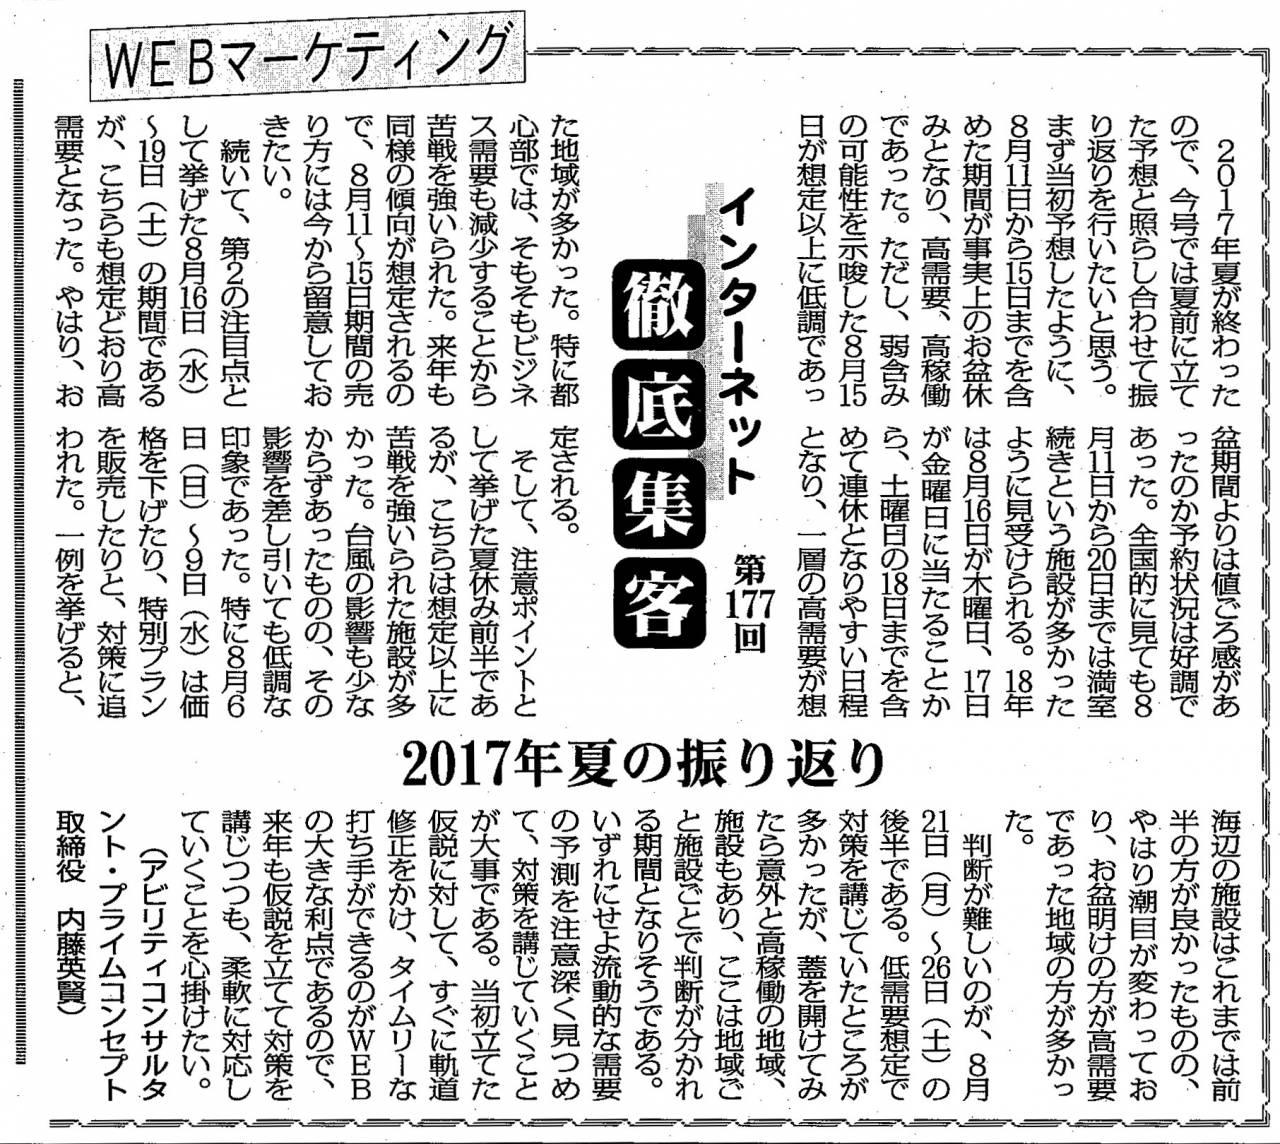 【第177回】 WEBマーケティング インターネット徹底集客 (2017年夏の振り返り)